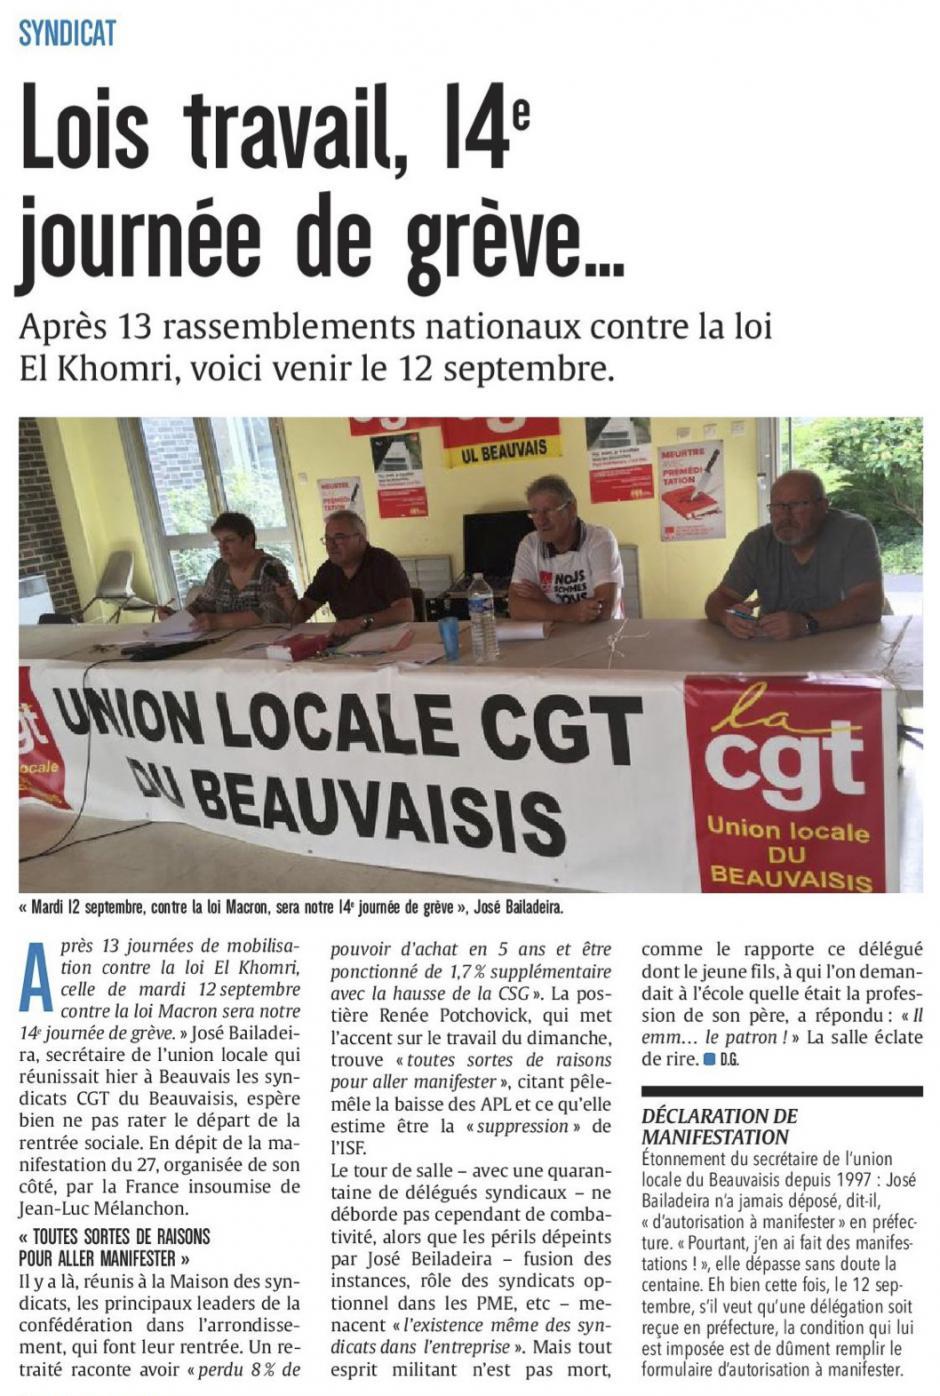 20170908-CP-Beauvais-Lois travail, 14e journée de grève…